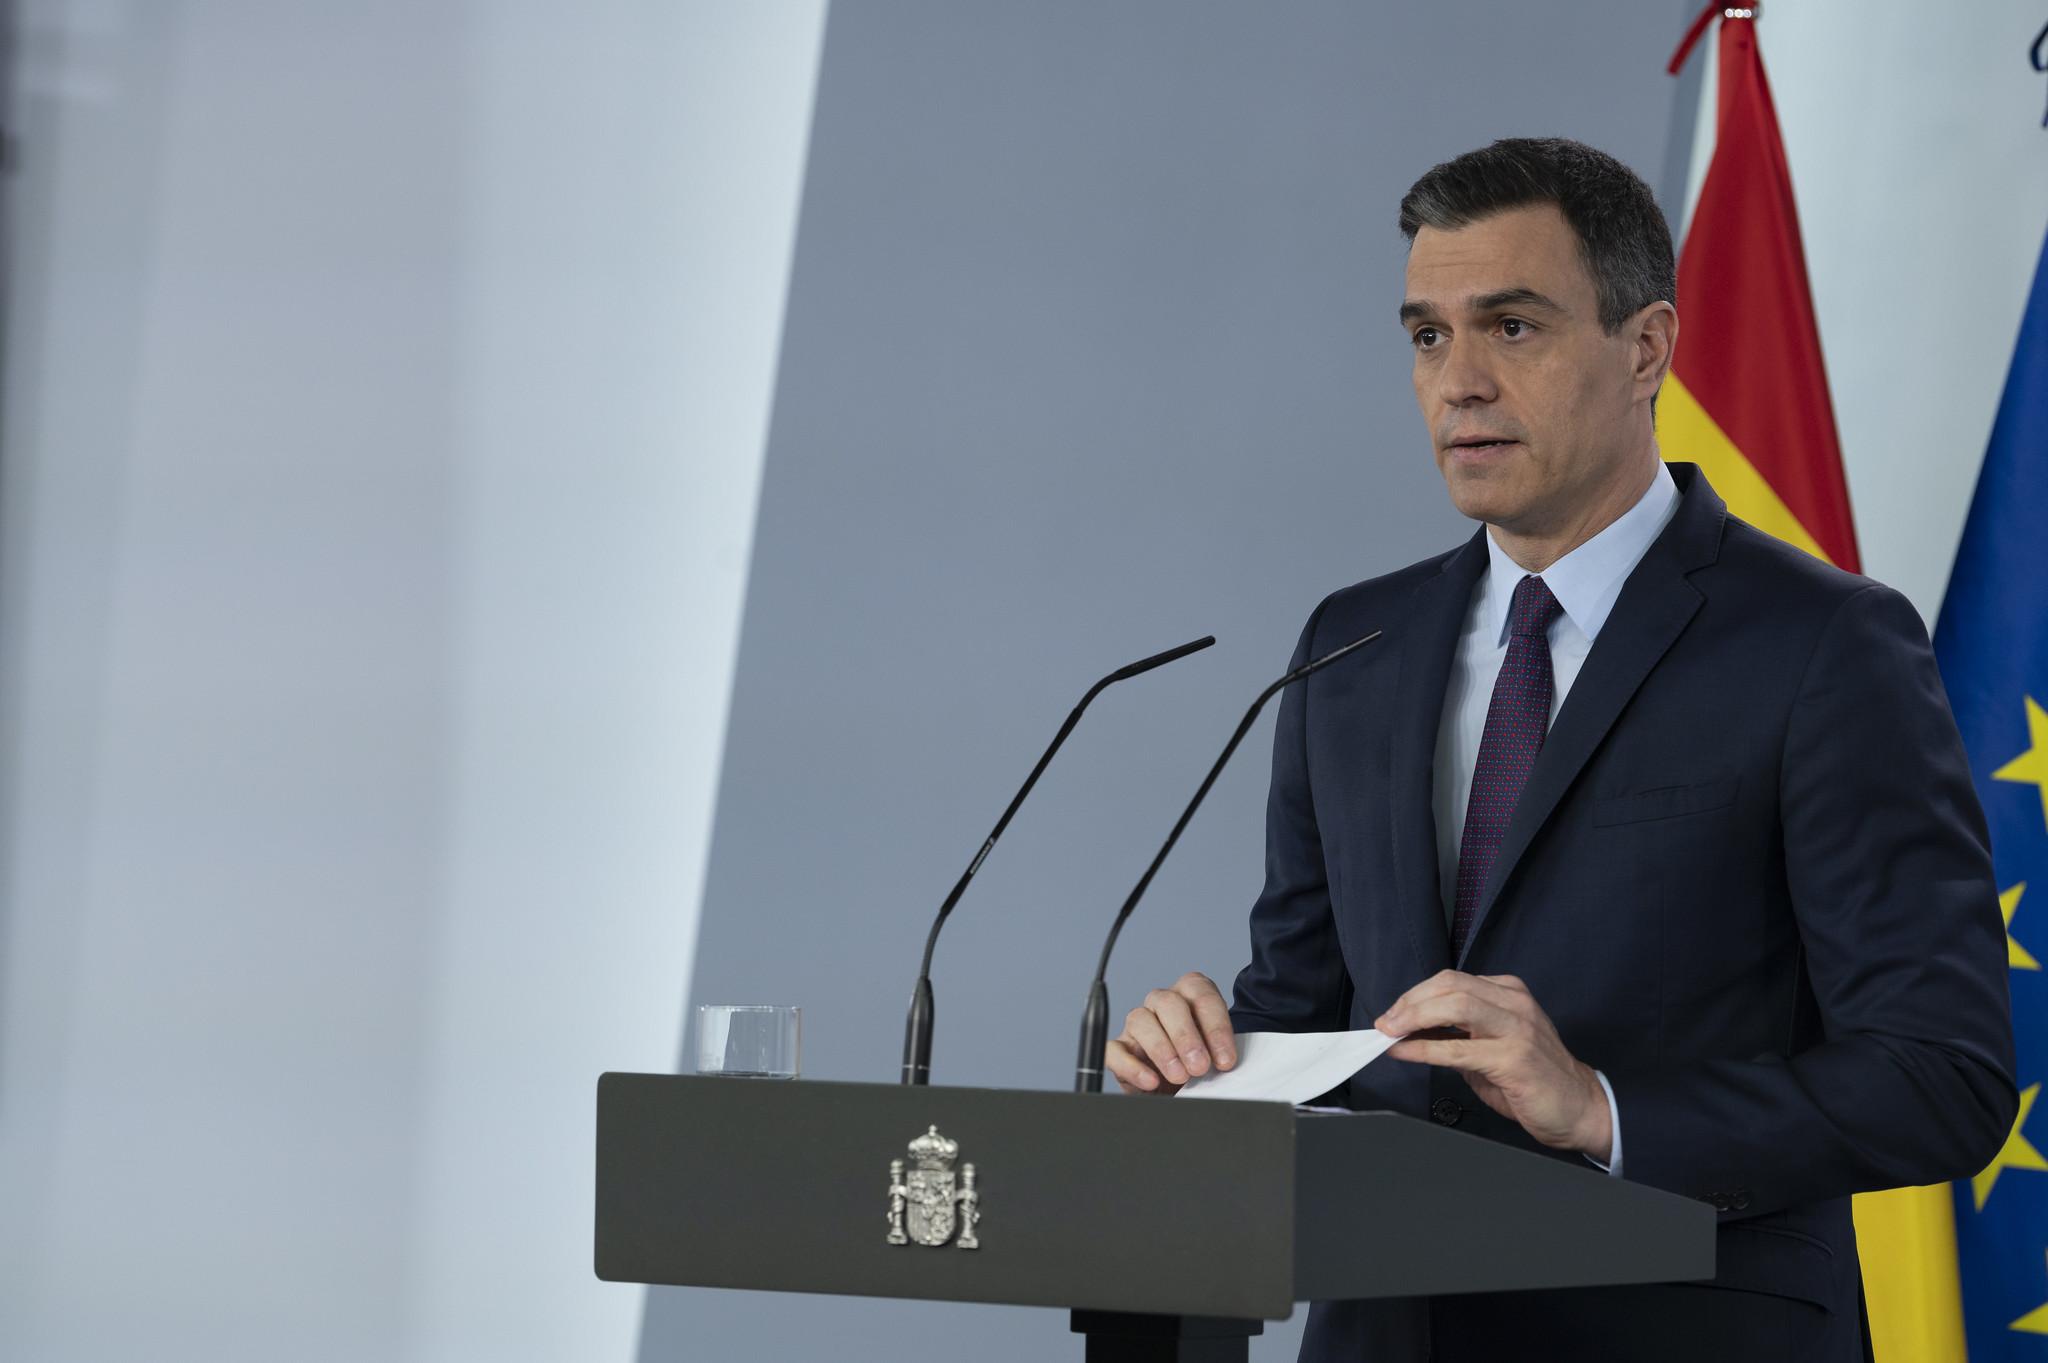 O primeiro-ministro da Espanha, Pedro Sánchez